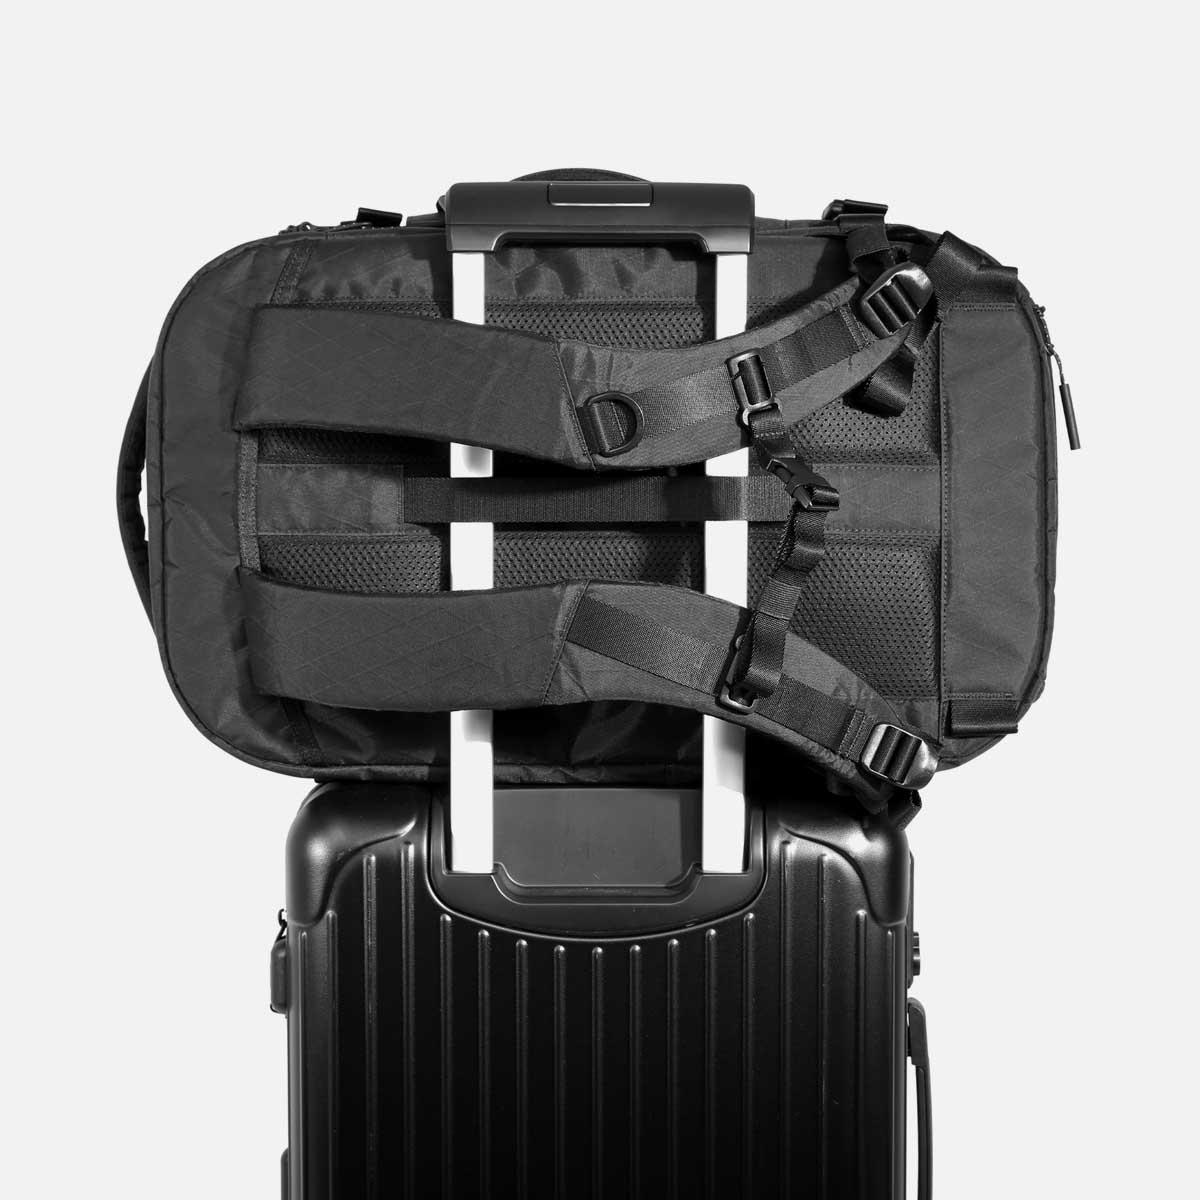 aer10013_tp2xpac_luggage.jpg